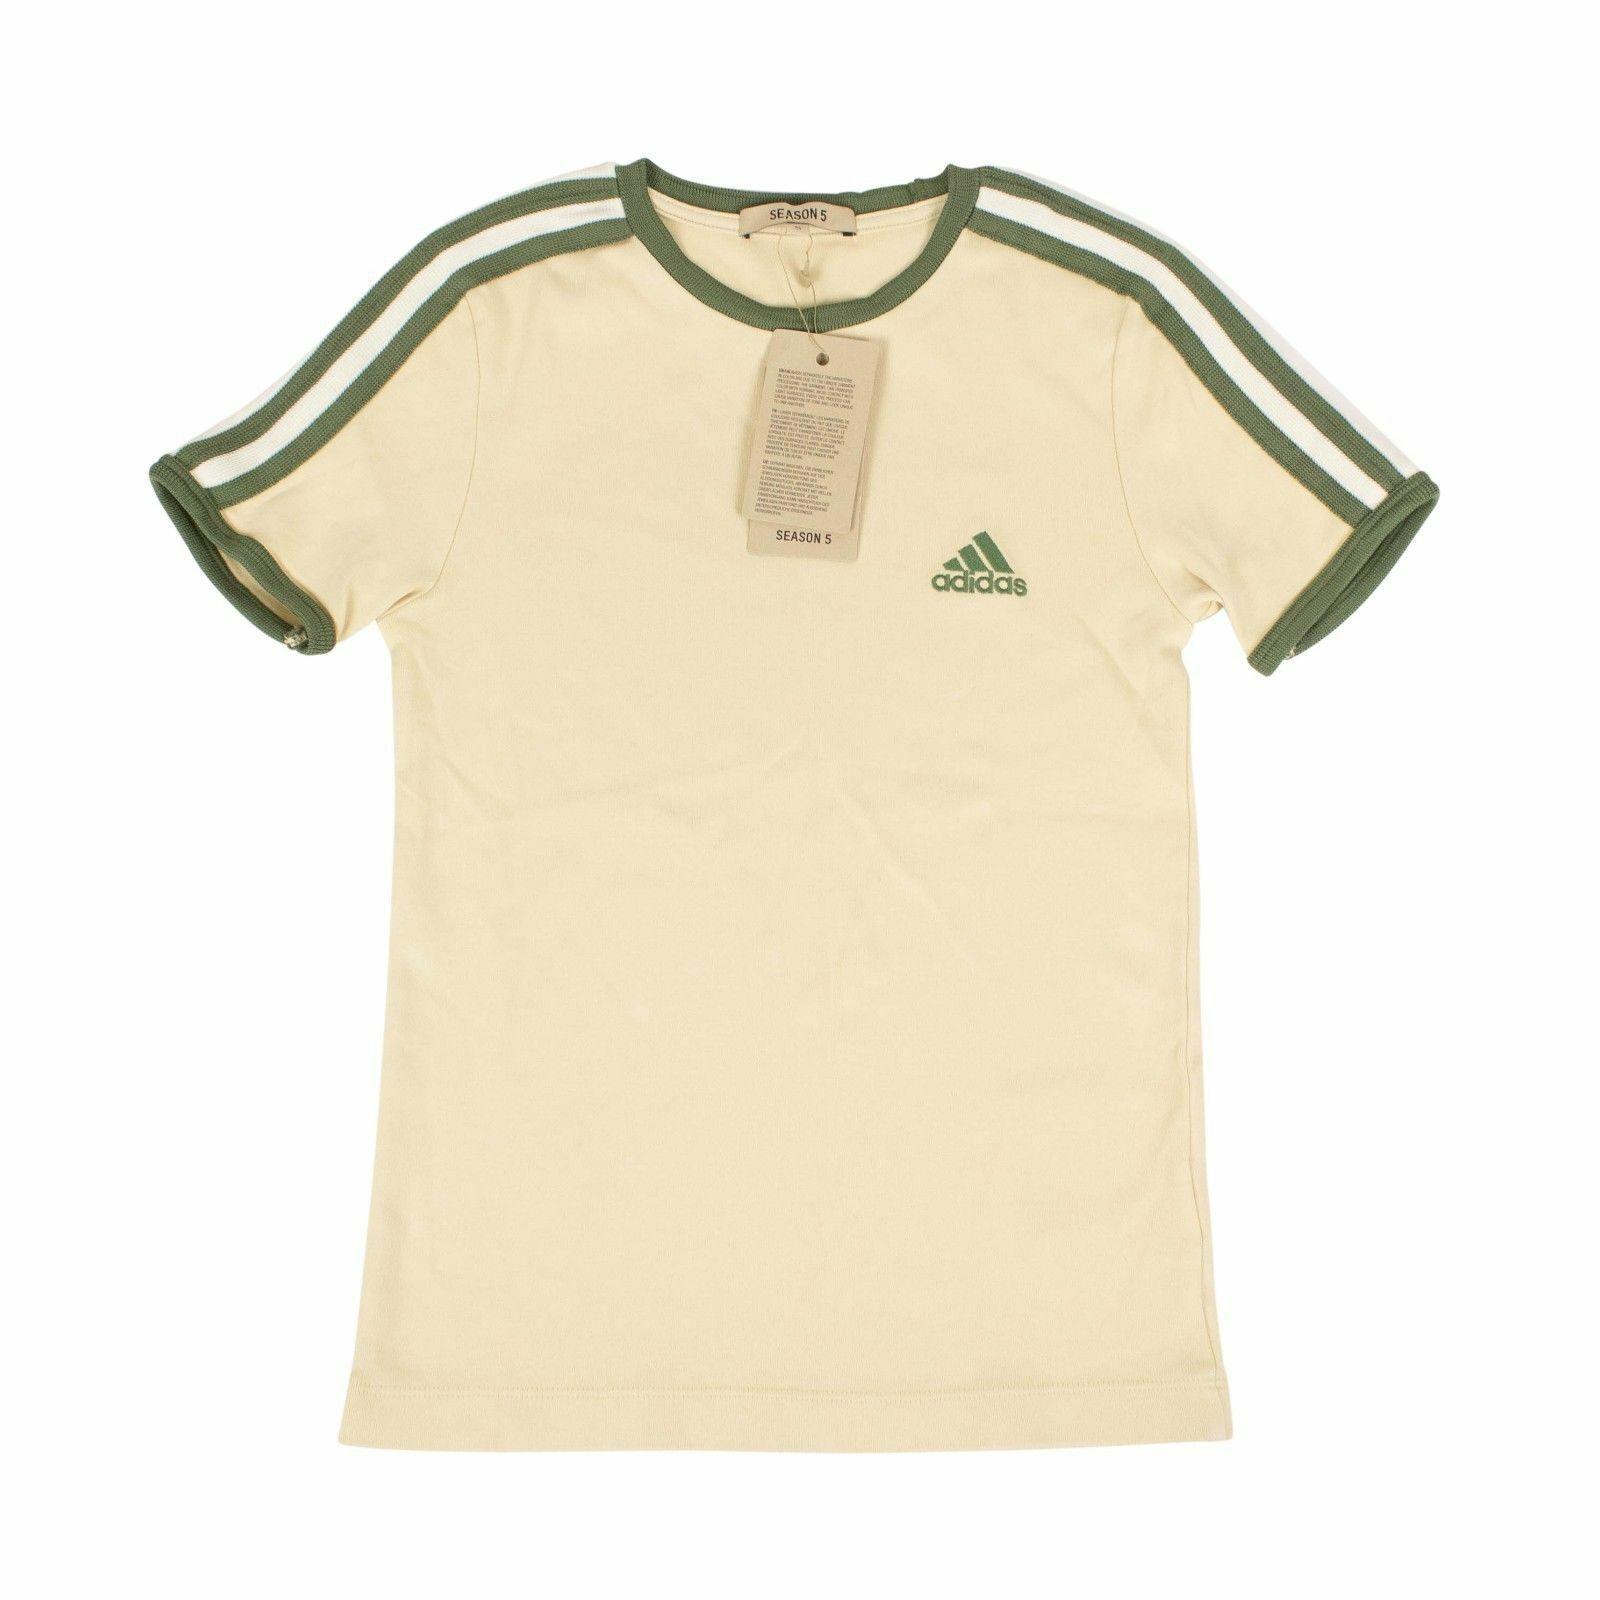 NWT YEEZY Season 5 Jupiter Ranger Beige Adidas Baby T-Shirt Größe XS